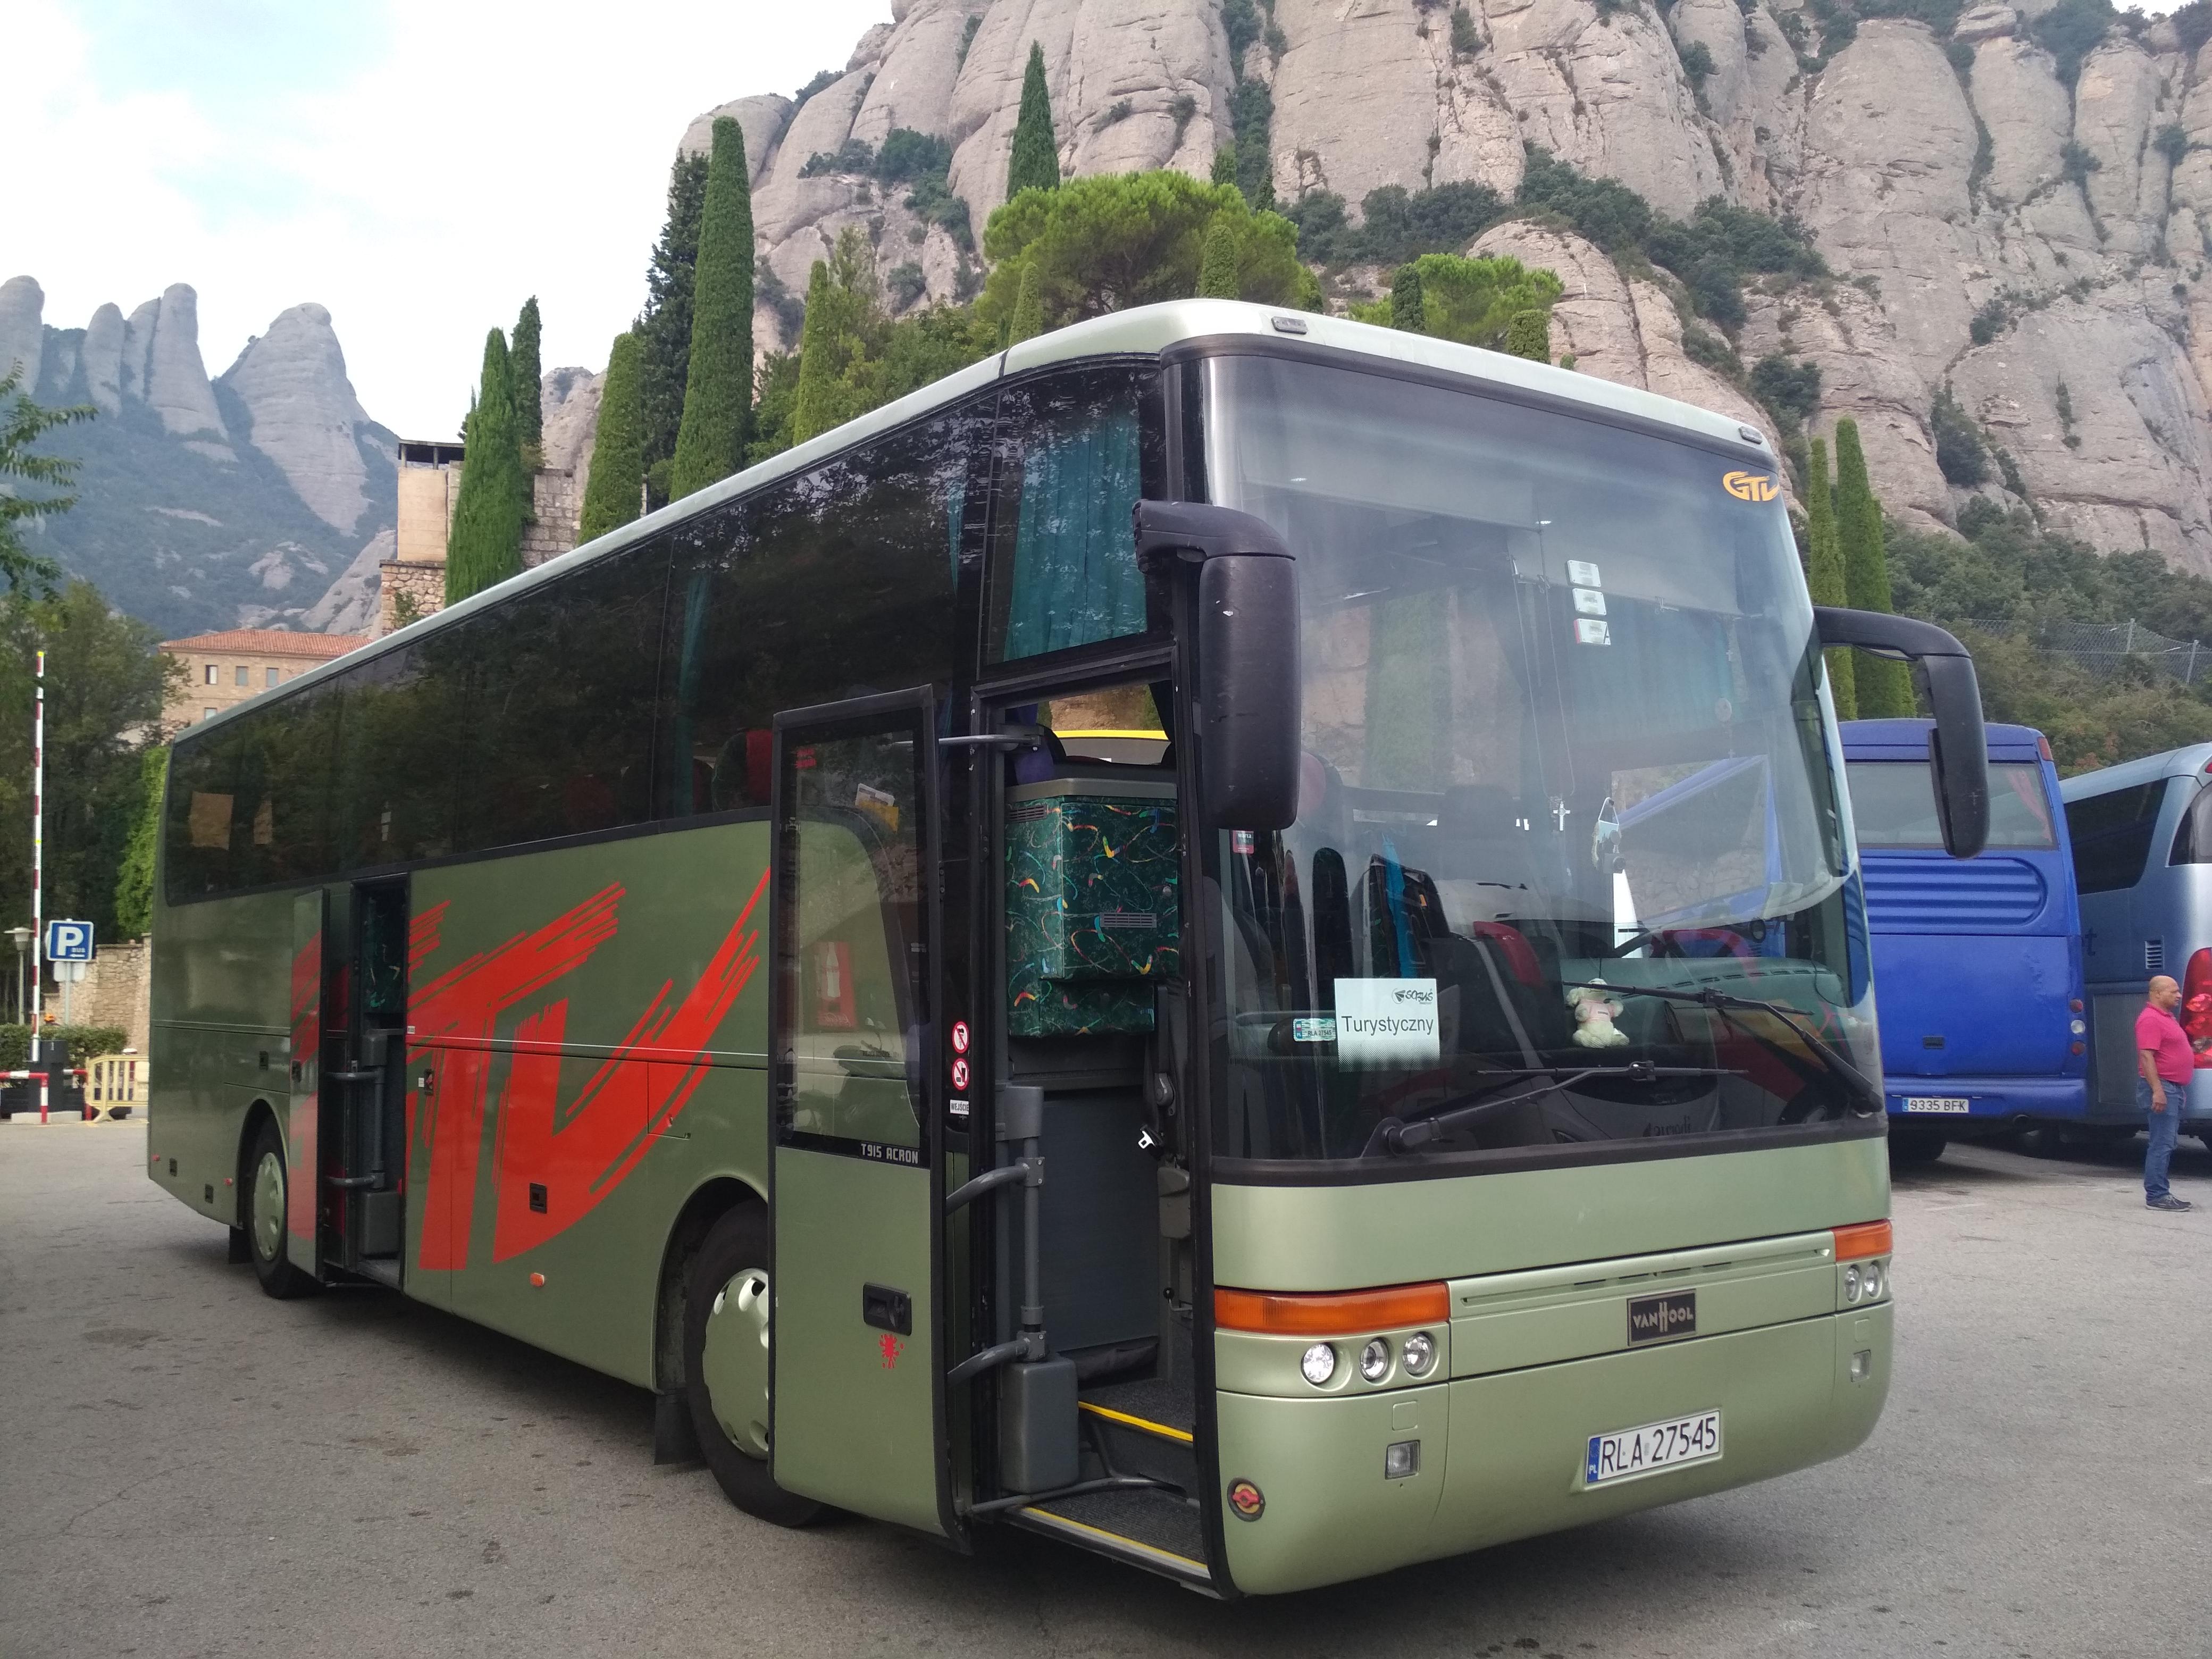 vanhool 915 w pojazdach